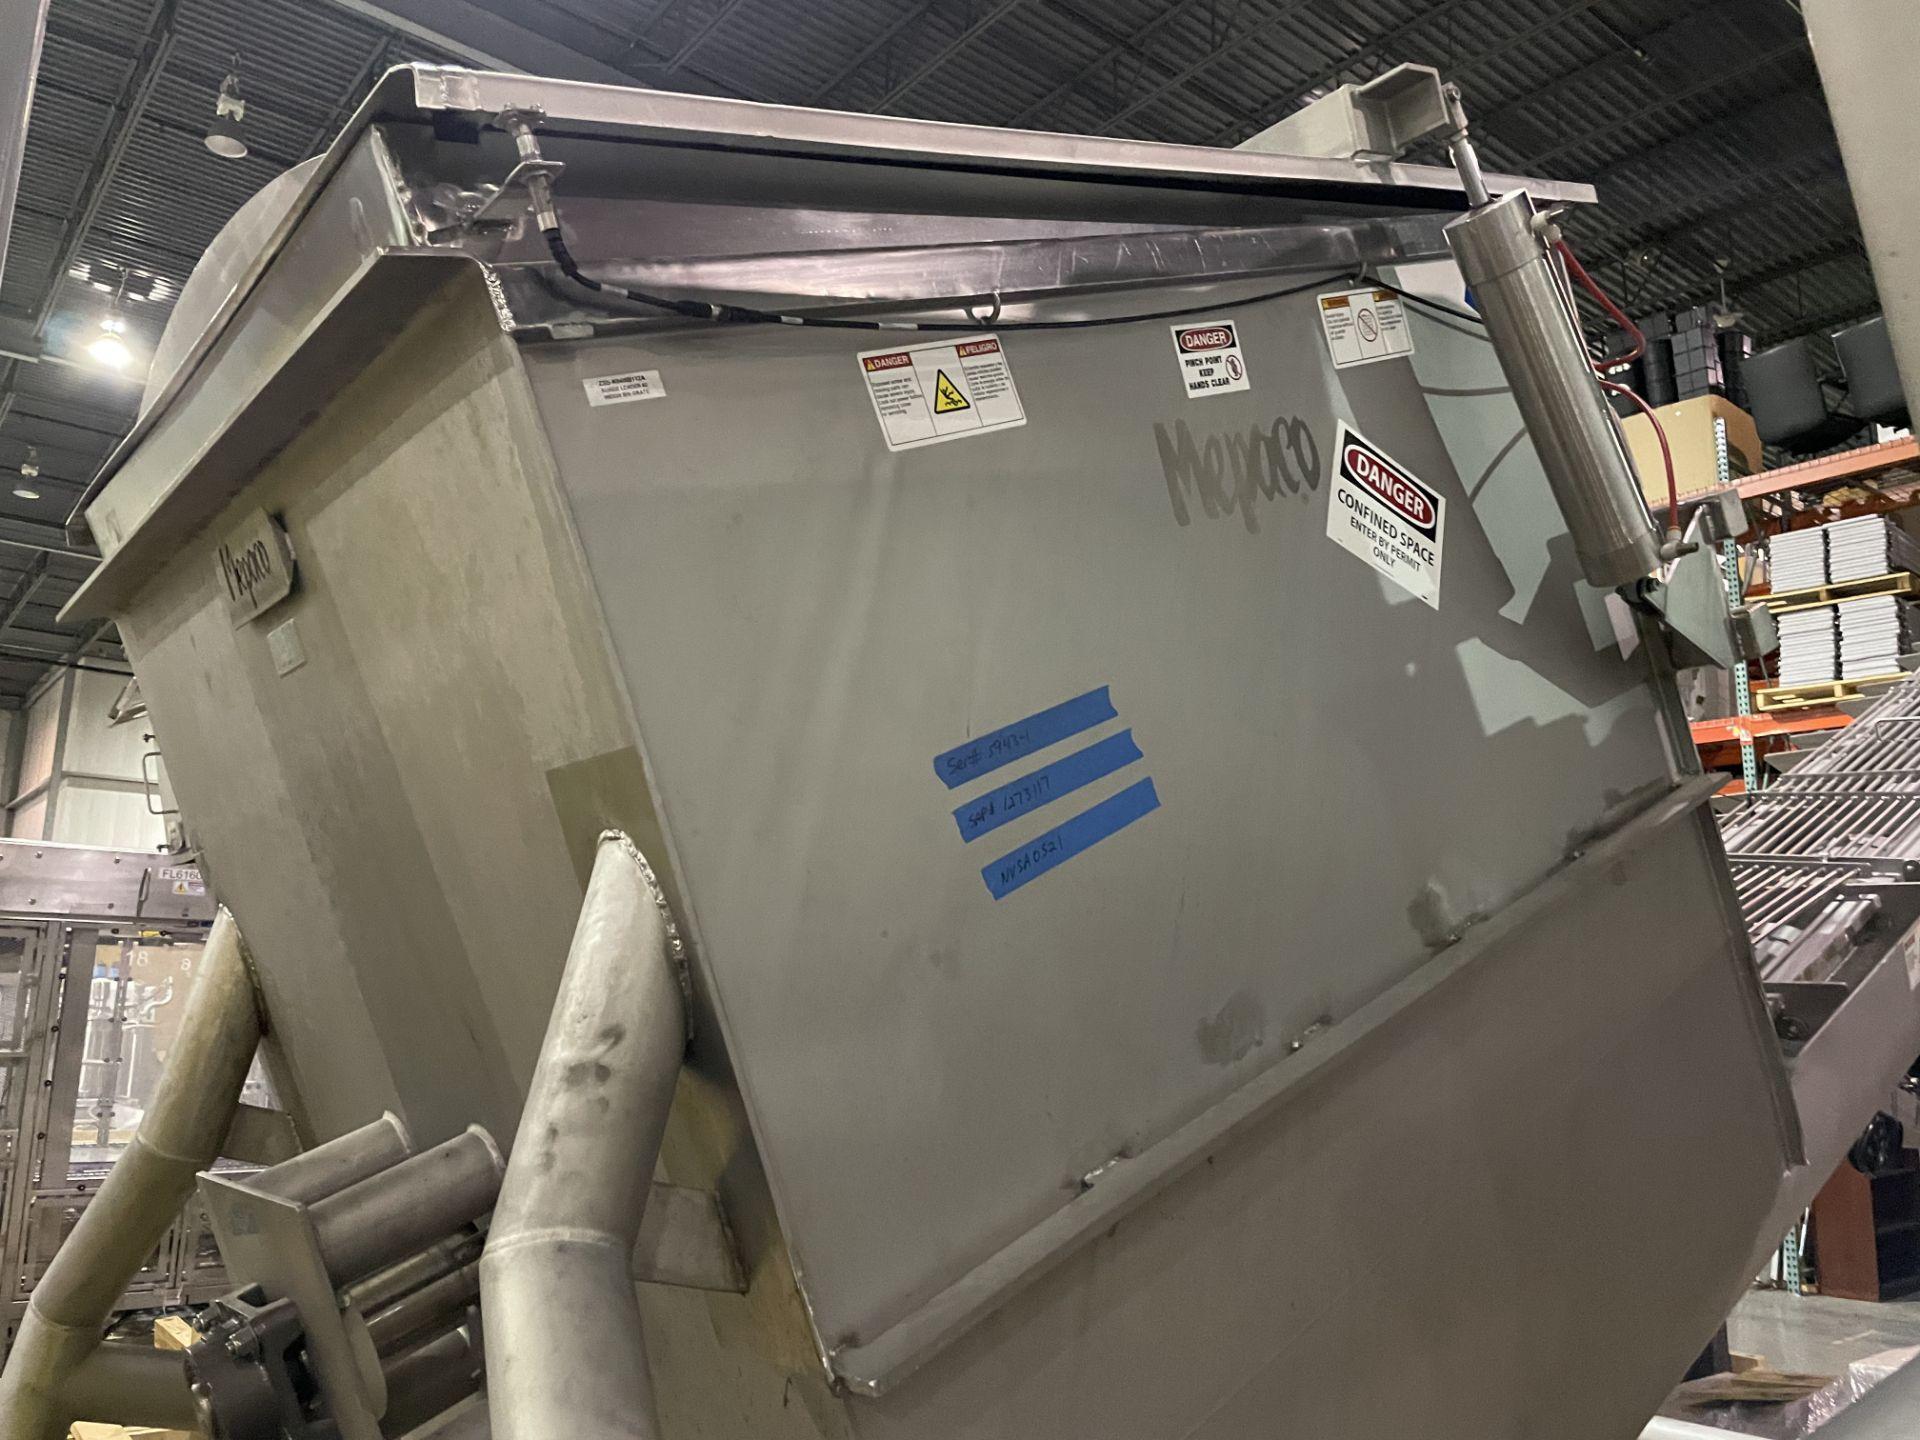 Mepaco Surge Unloader/Dumper Model T4000 S/N M12458-2, 5943-1 Loading/Rigging Fee $750 - Image 2 of 5